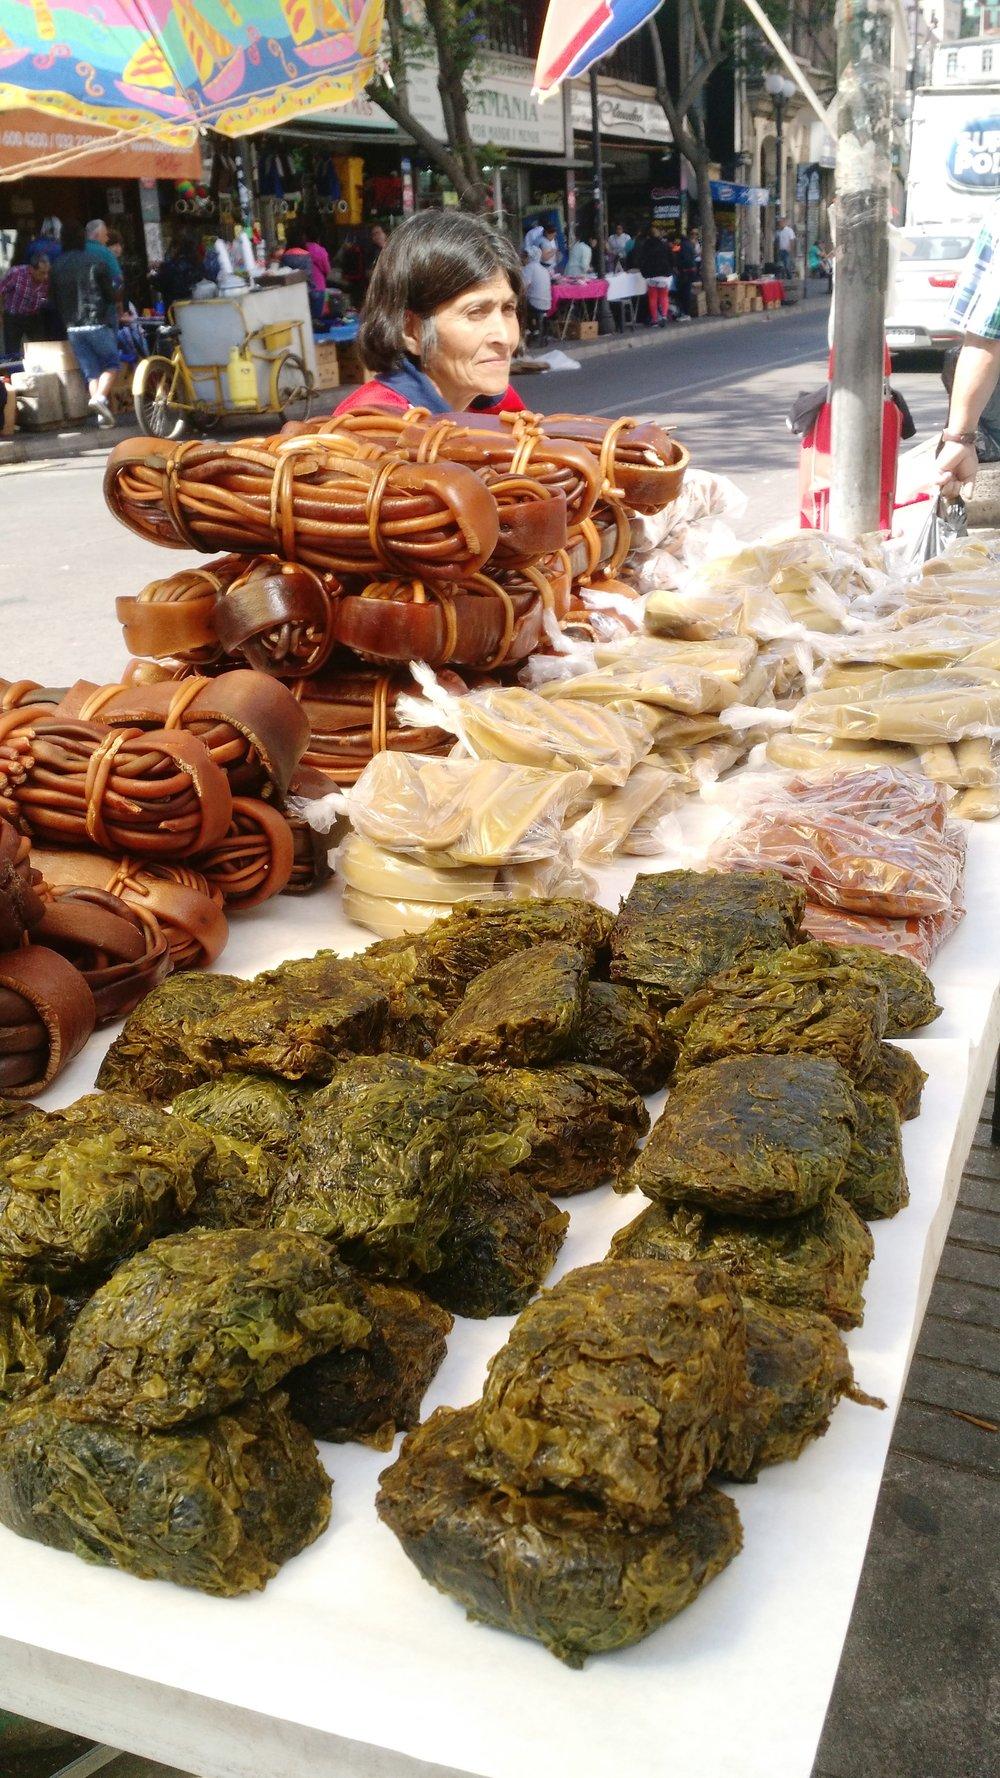 På gatorna i Chile säljs olika alger